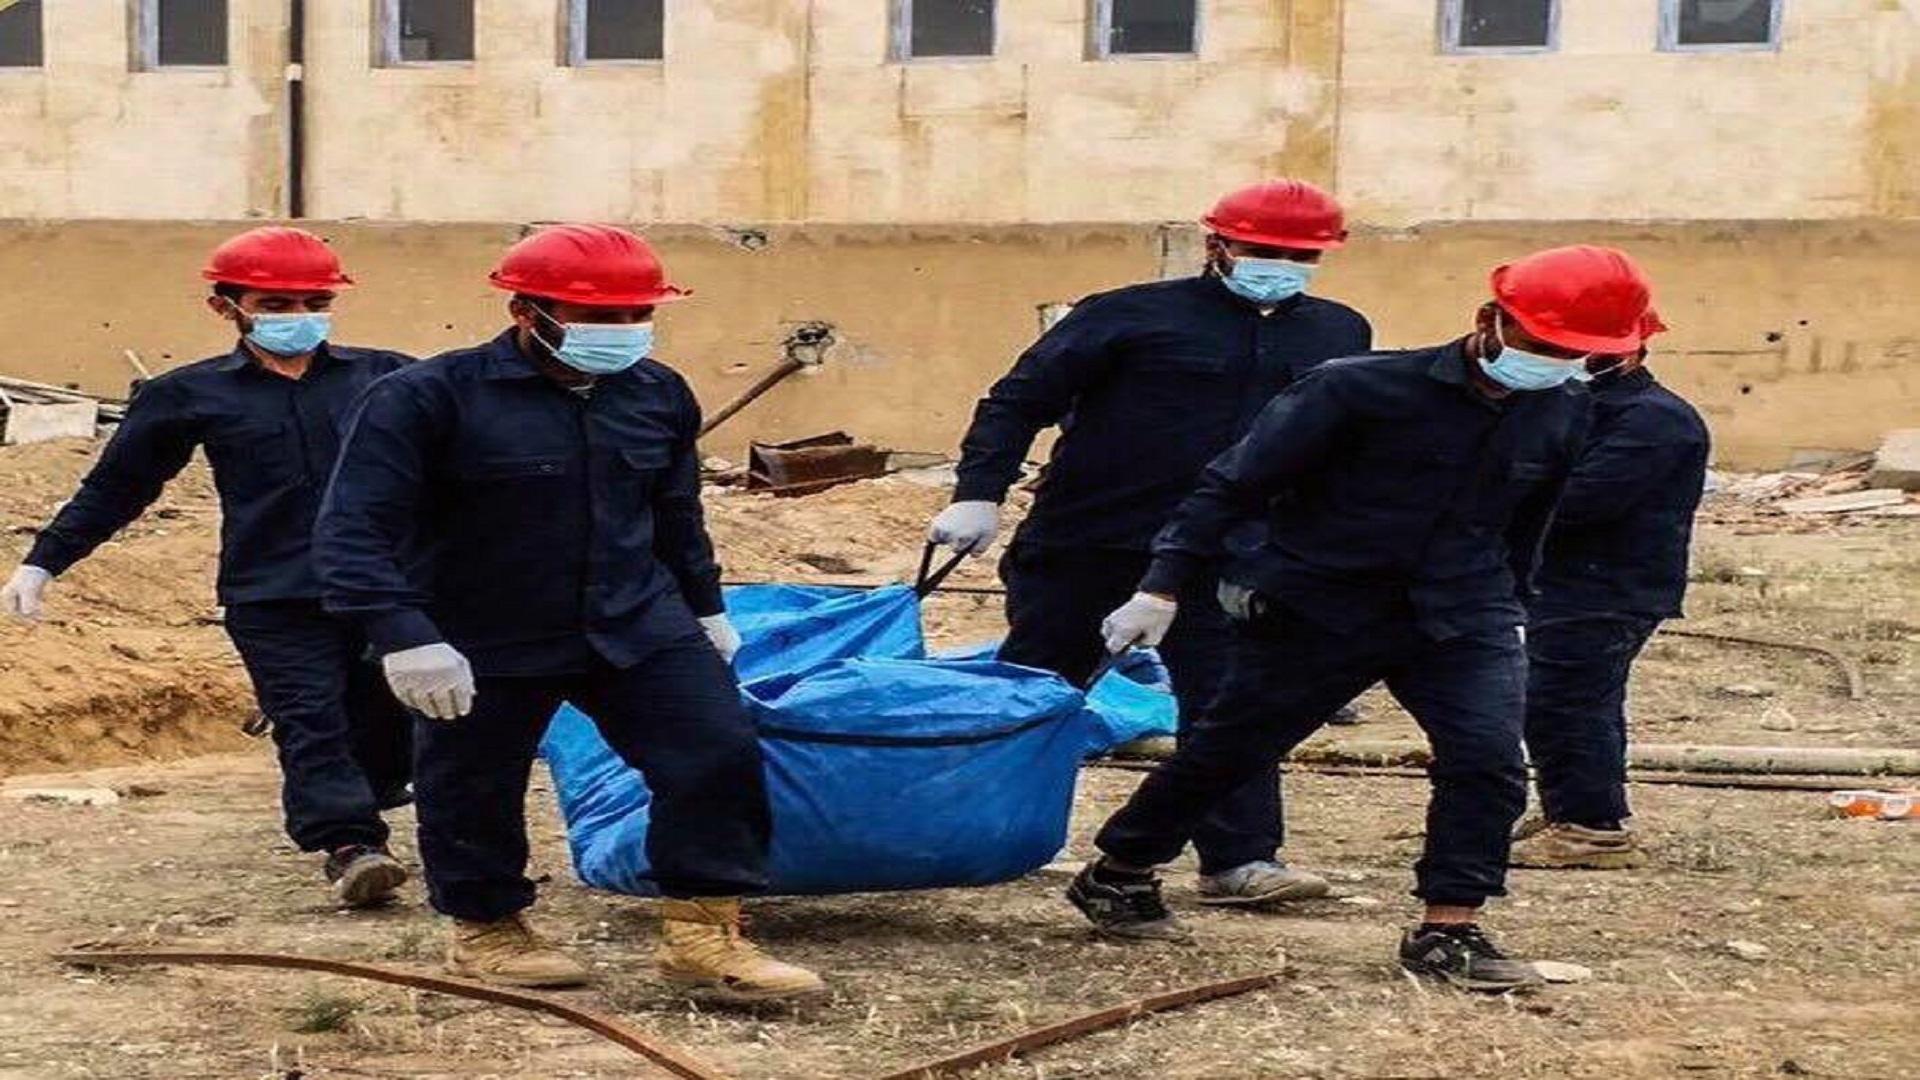 بعضها مفصولة الرأس.. النظام يعثر على مقبرة جماعية تضم جثثا لجنوده